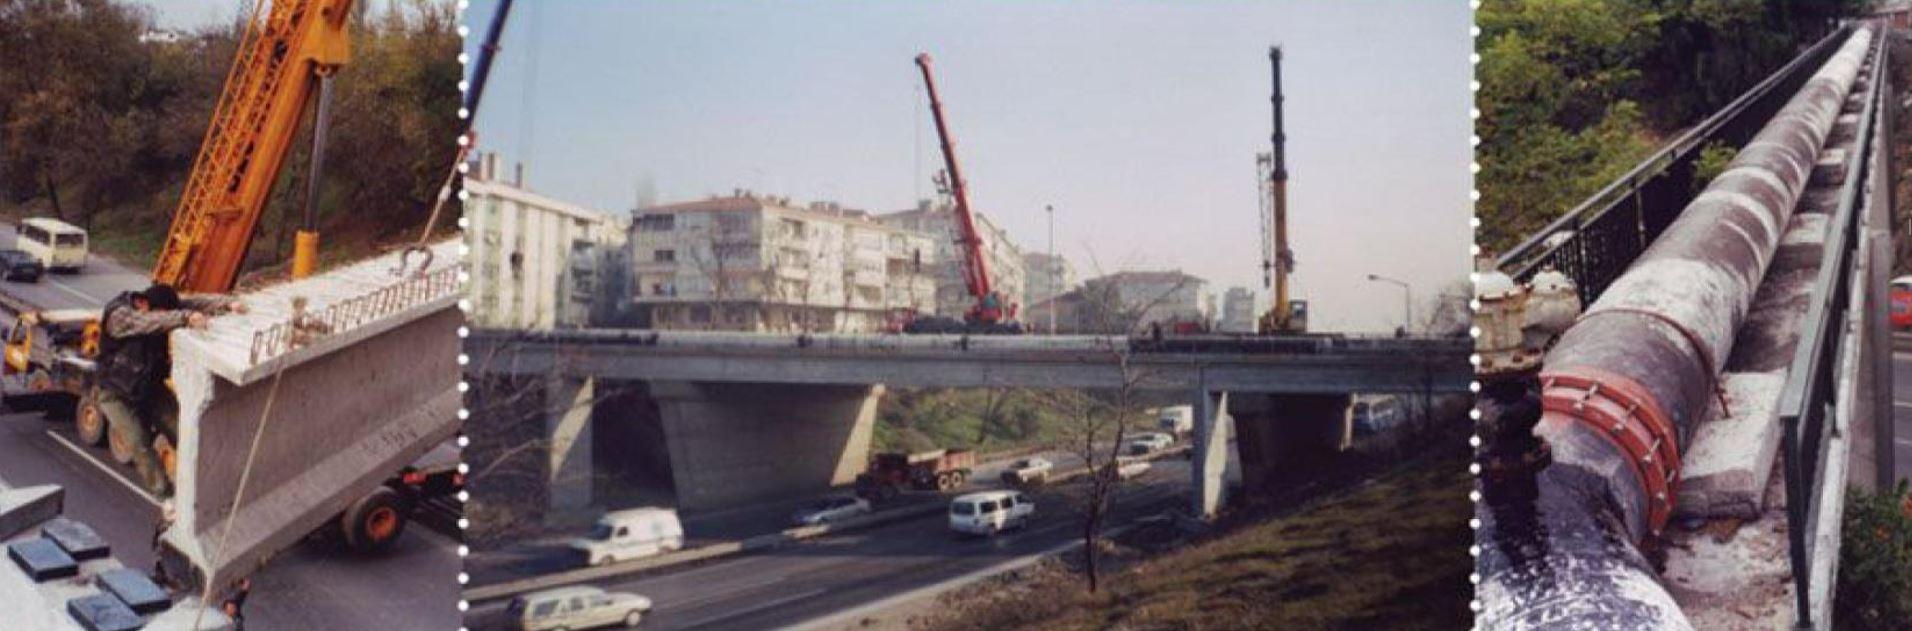 İstanbul E-5 Cennet Mahallesi 1000 İsale Hattı